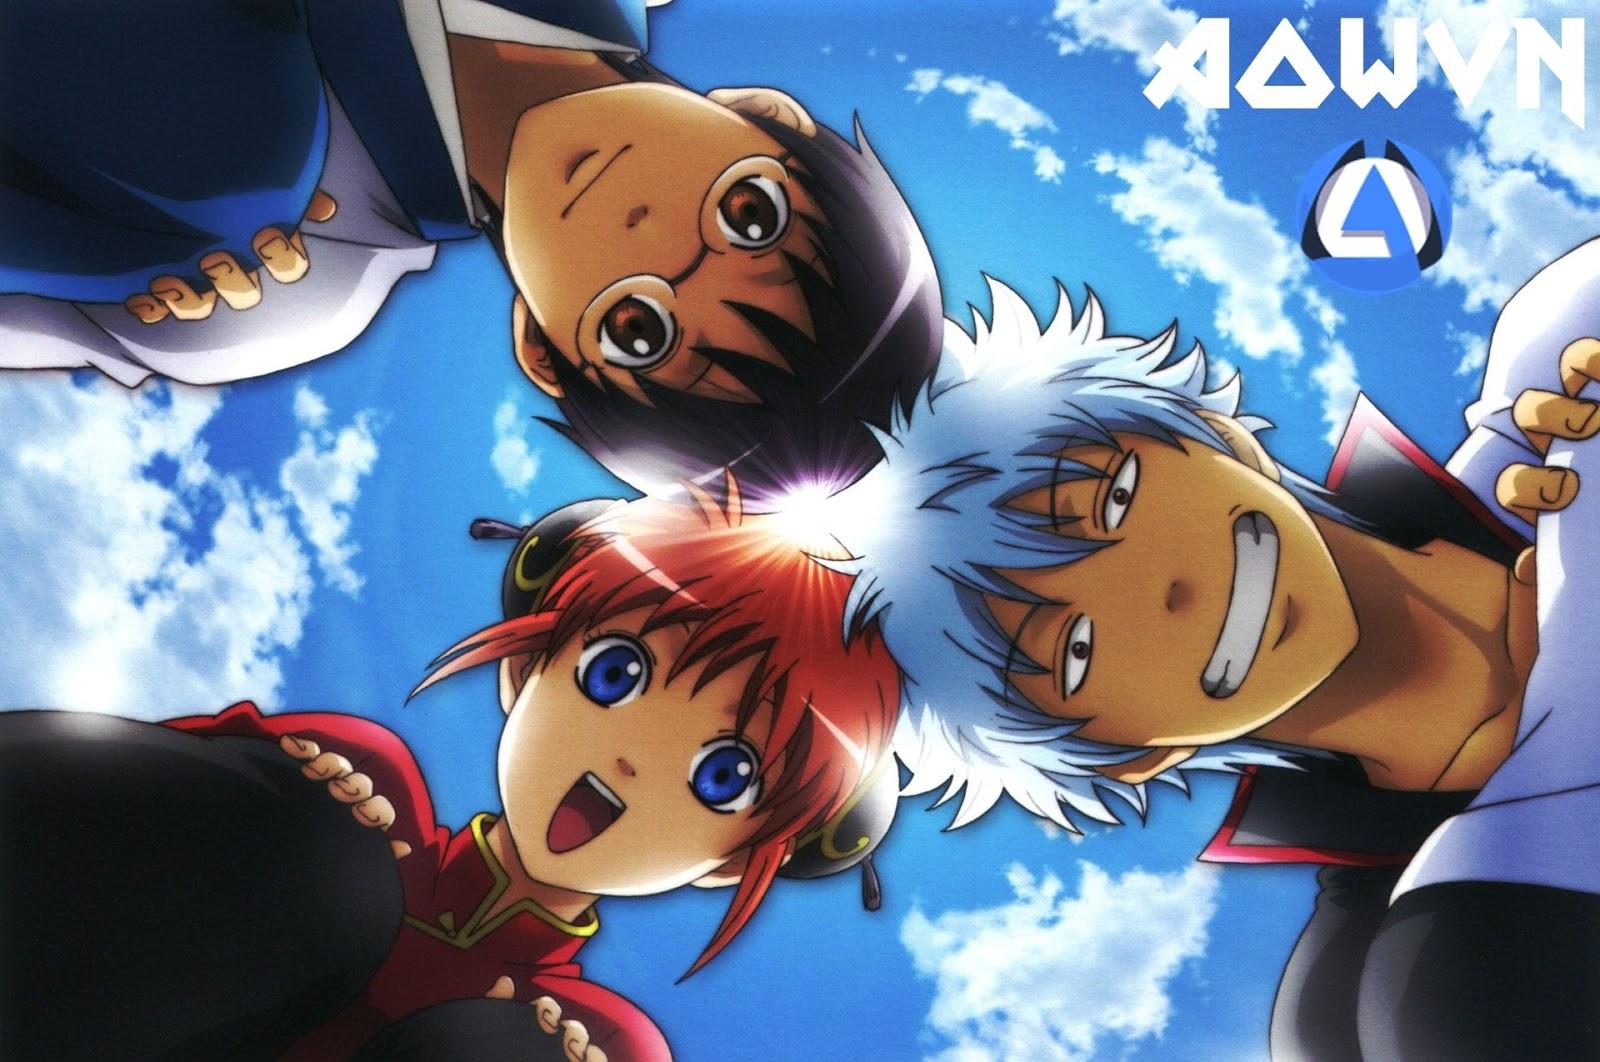 Gintama%2B %2BAowVN%2B %2BPhatpro%2B%25282%2529 min - [ Anime 3gp Mp4 ] Gintama + Ova + Sp + Movie | Vietsub - Cực Hài - Cực Bựa - Nên Xem Trước Khi Chết!